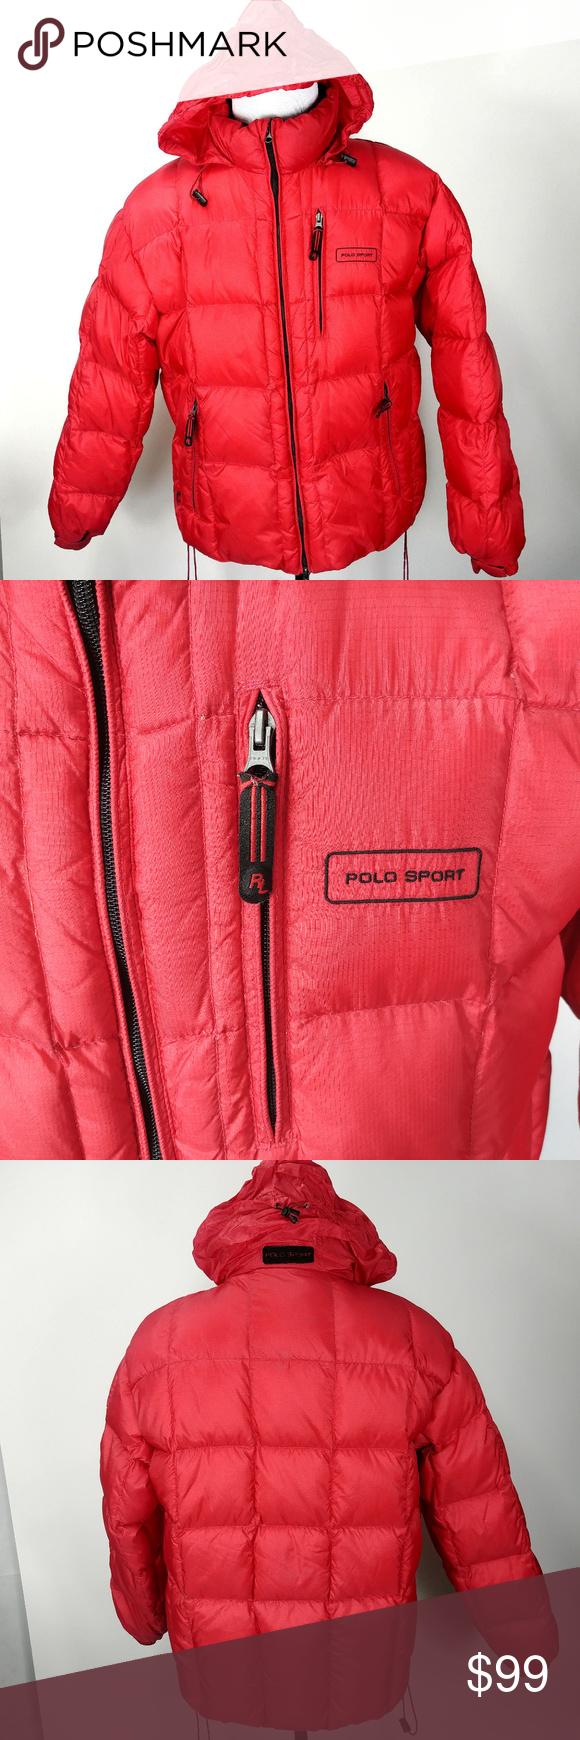 Polo Sport Ralph Lauren Mens Puffer Jacket Sz L Polo Sport